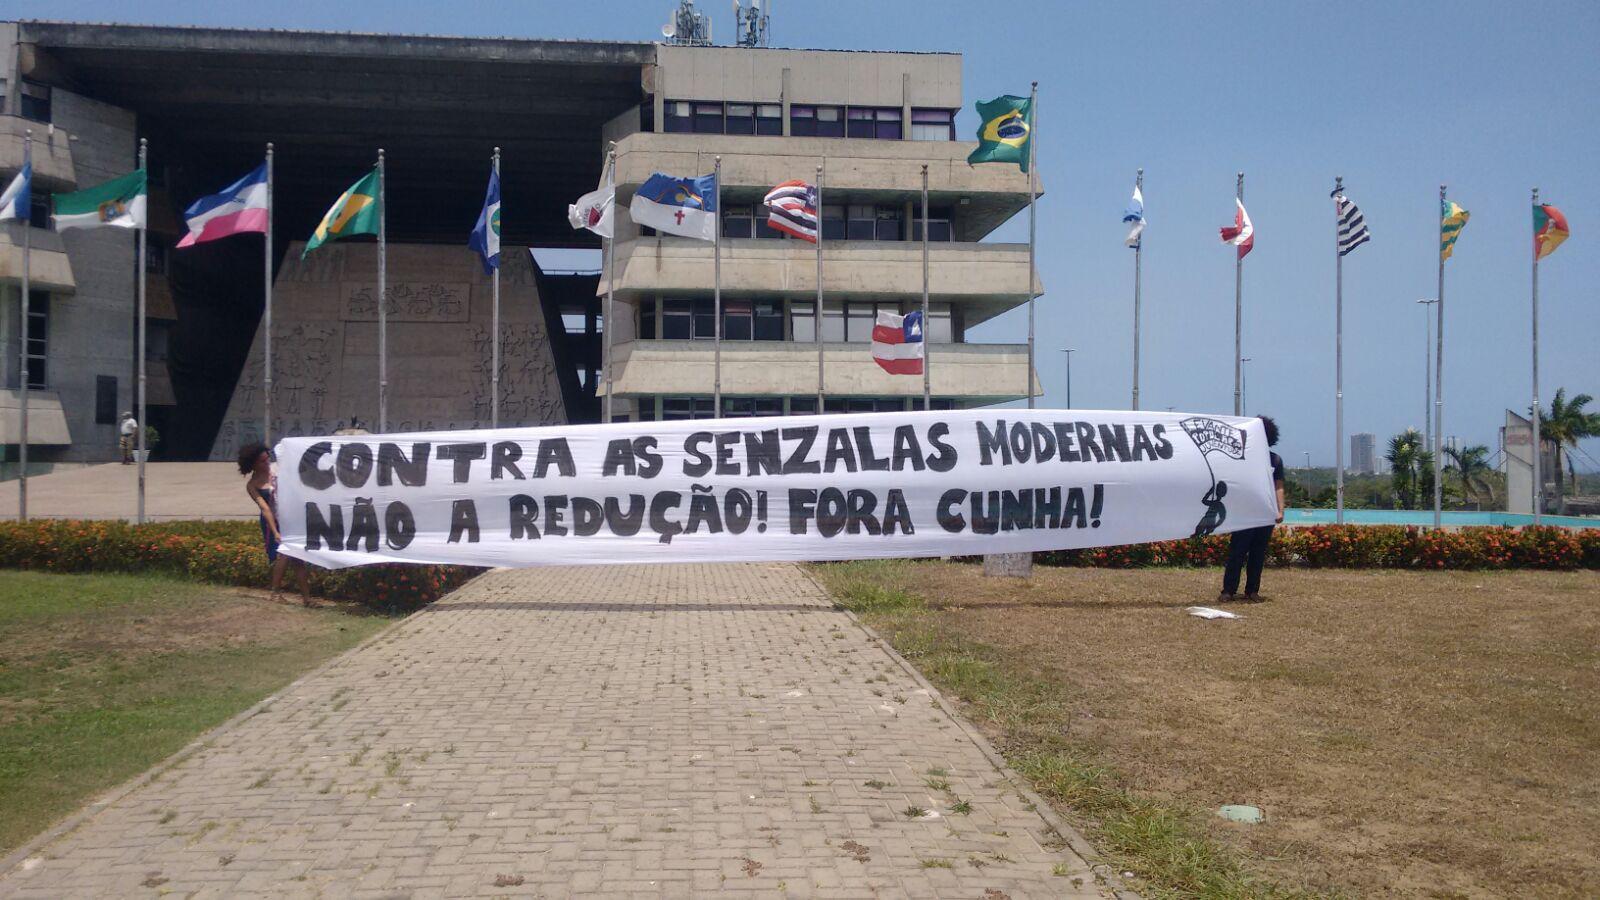 Contra as senzalas modernas: Não a redução! Fora Cunha!